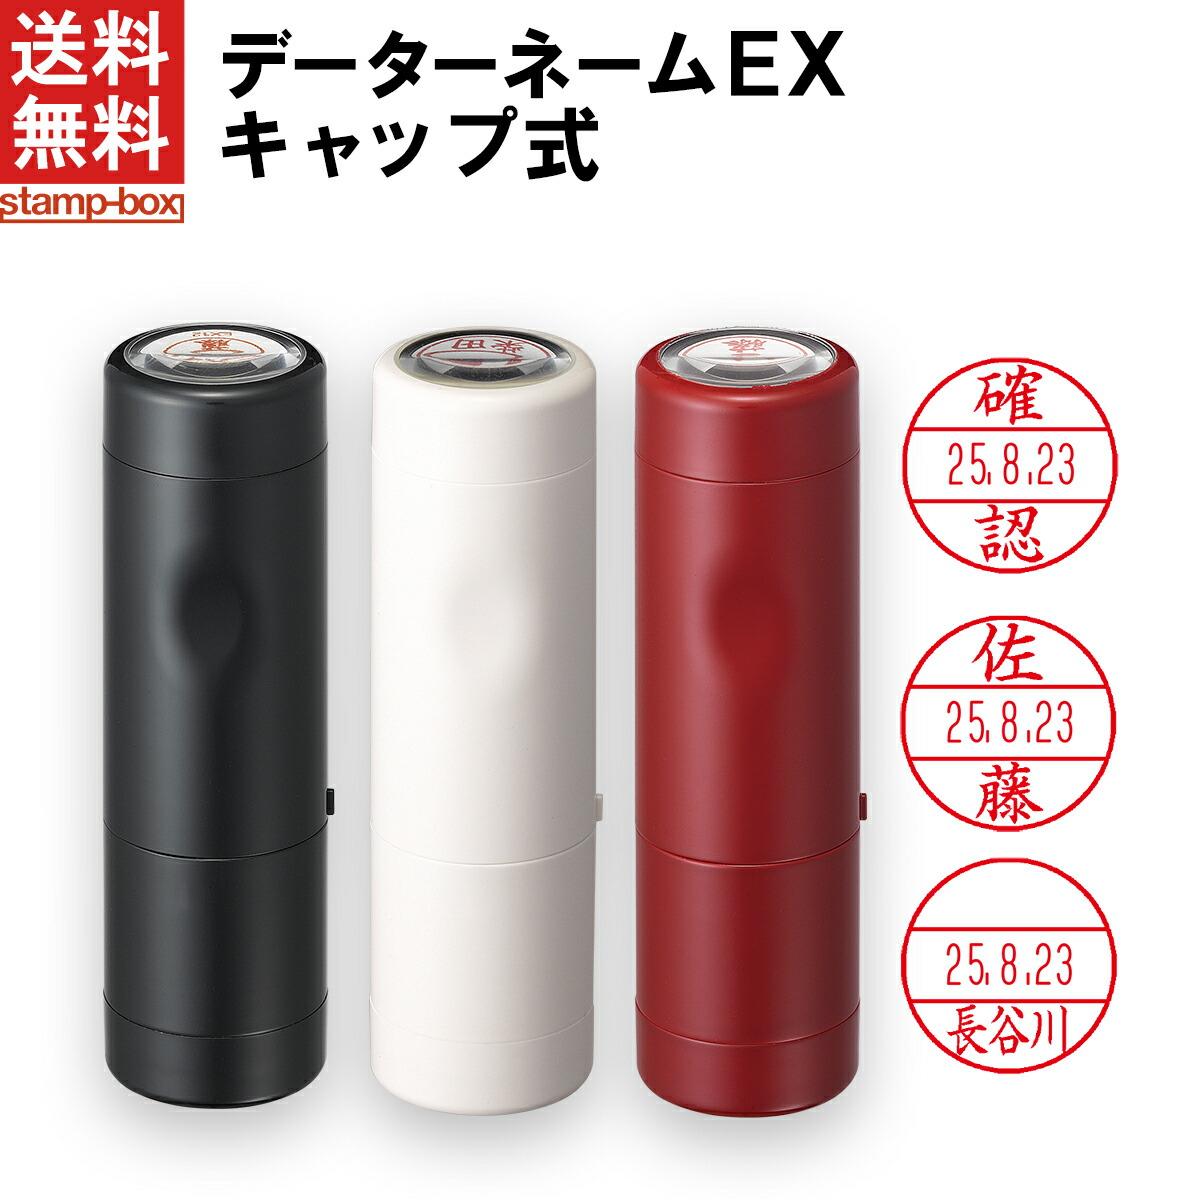 シャチハタ データーネームEX【別注品】 キャップ式